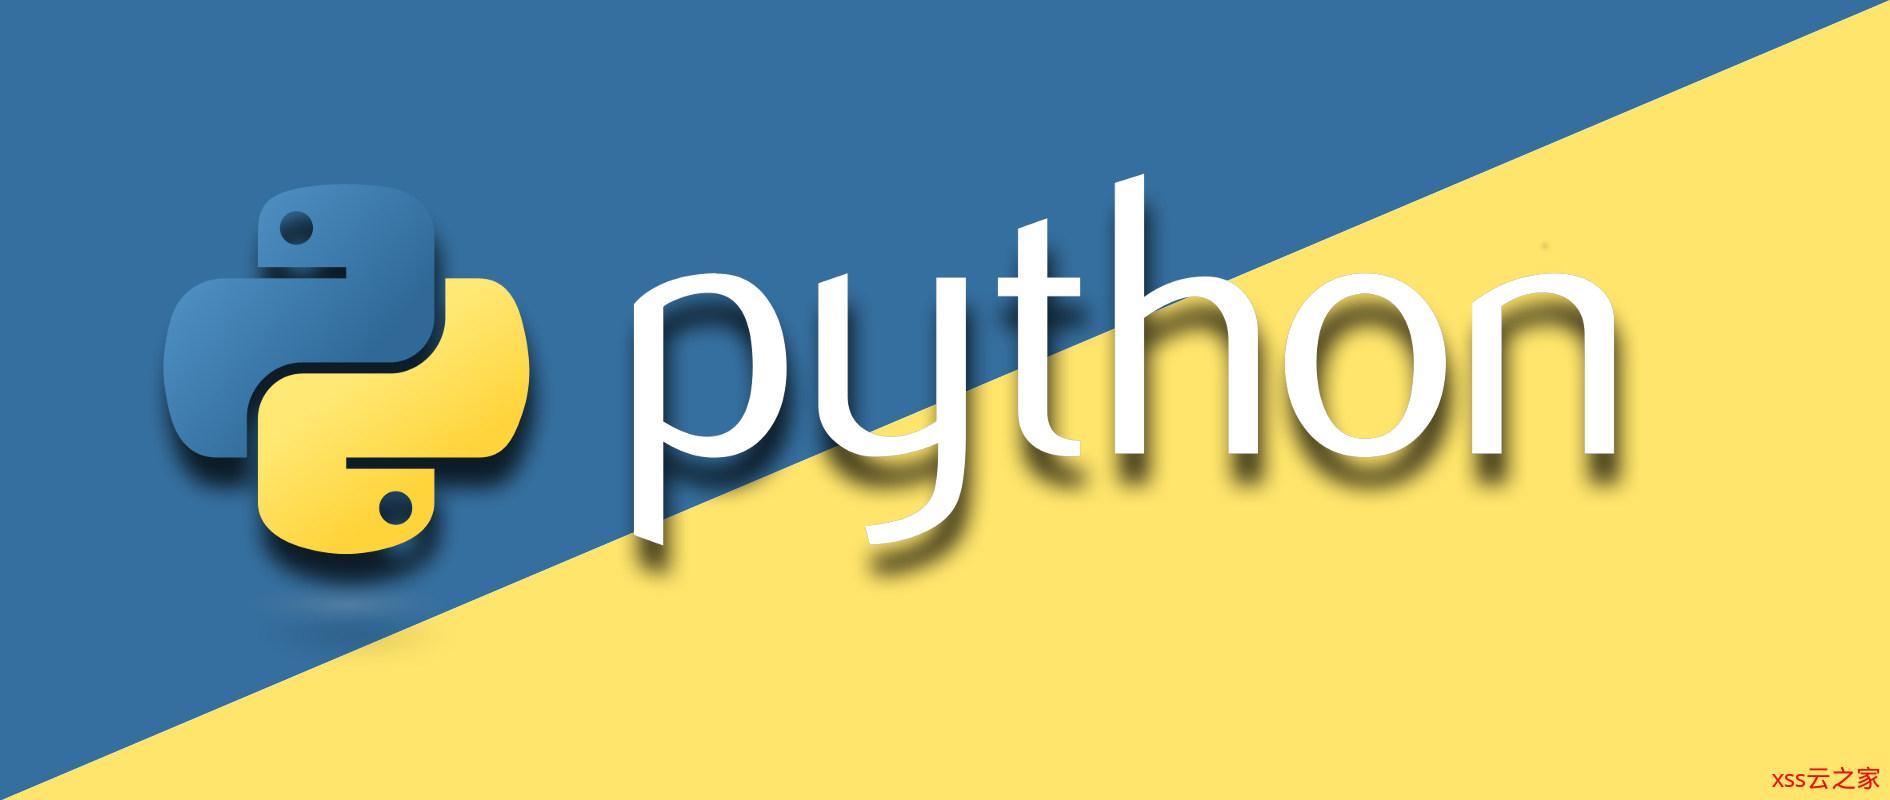 小白学 Python 爬虫(41):爬虫框架 Scrapy 入门基础(八)对接 Splash 实战